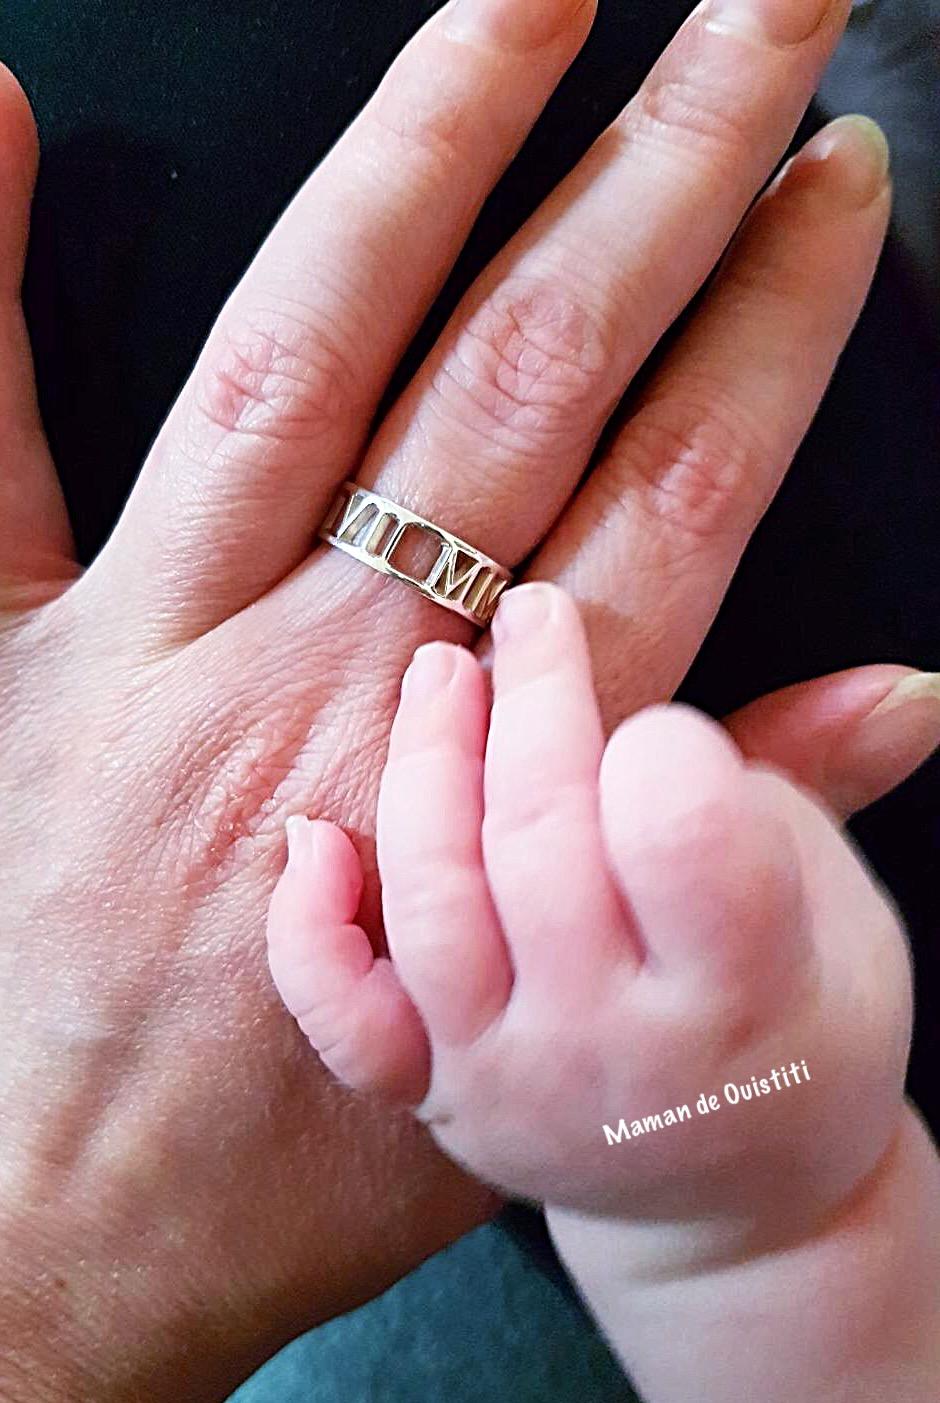 tatie - nièce - bijoux personnalisés - onecklace